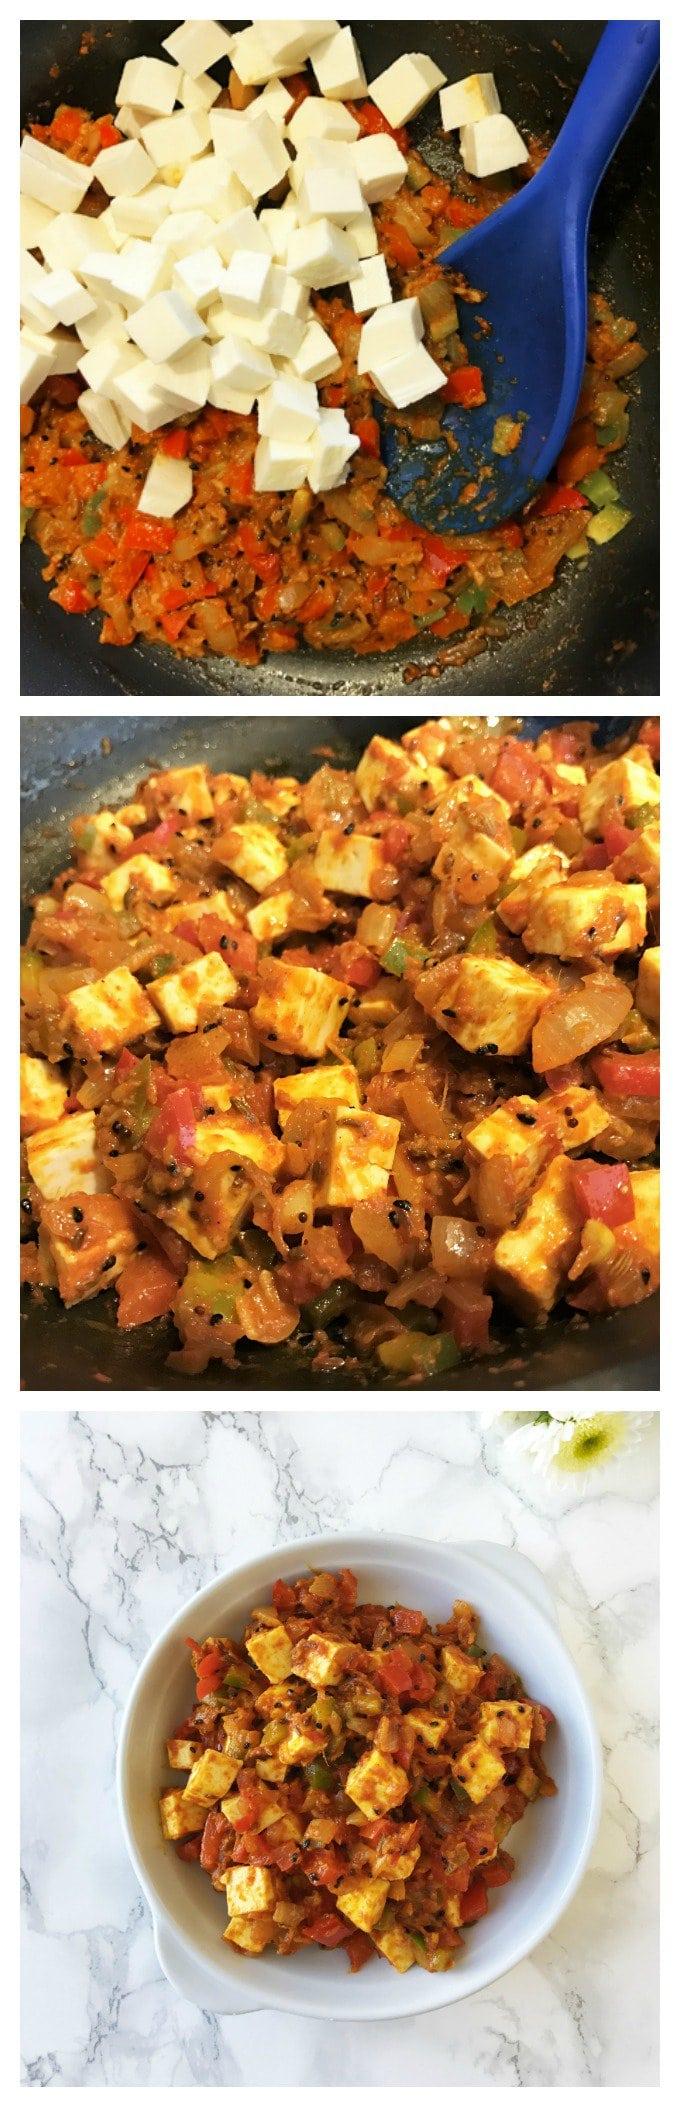 achari-paneer-recipe